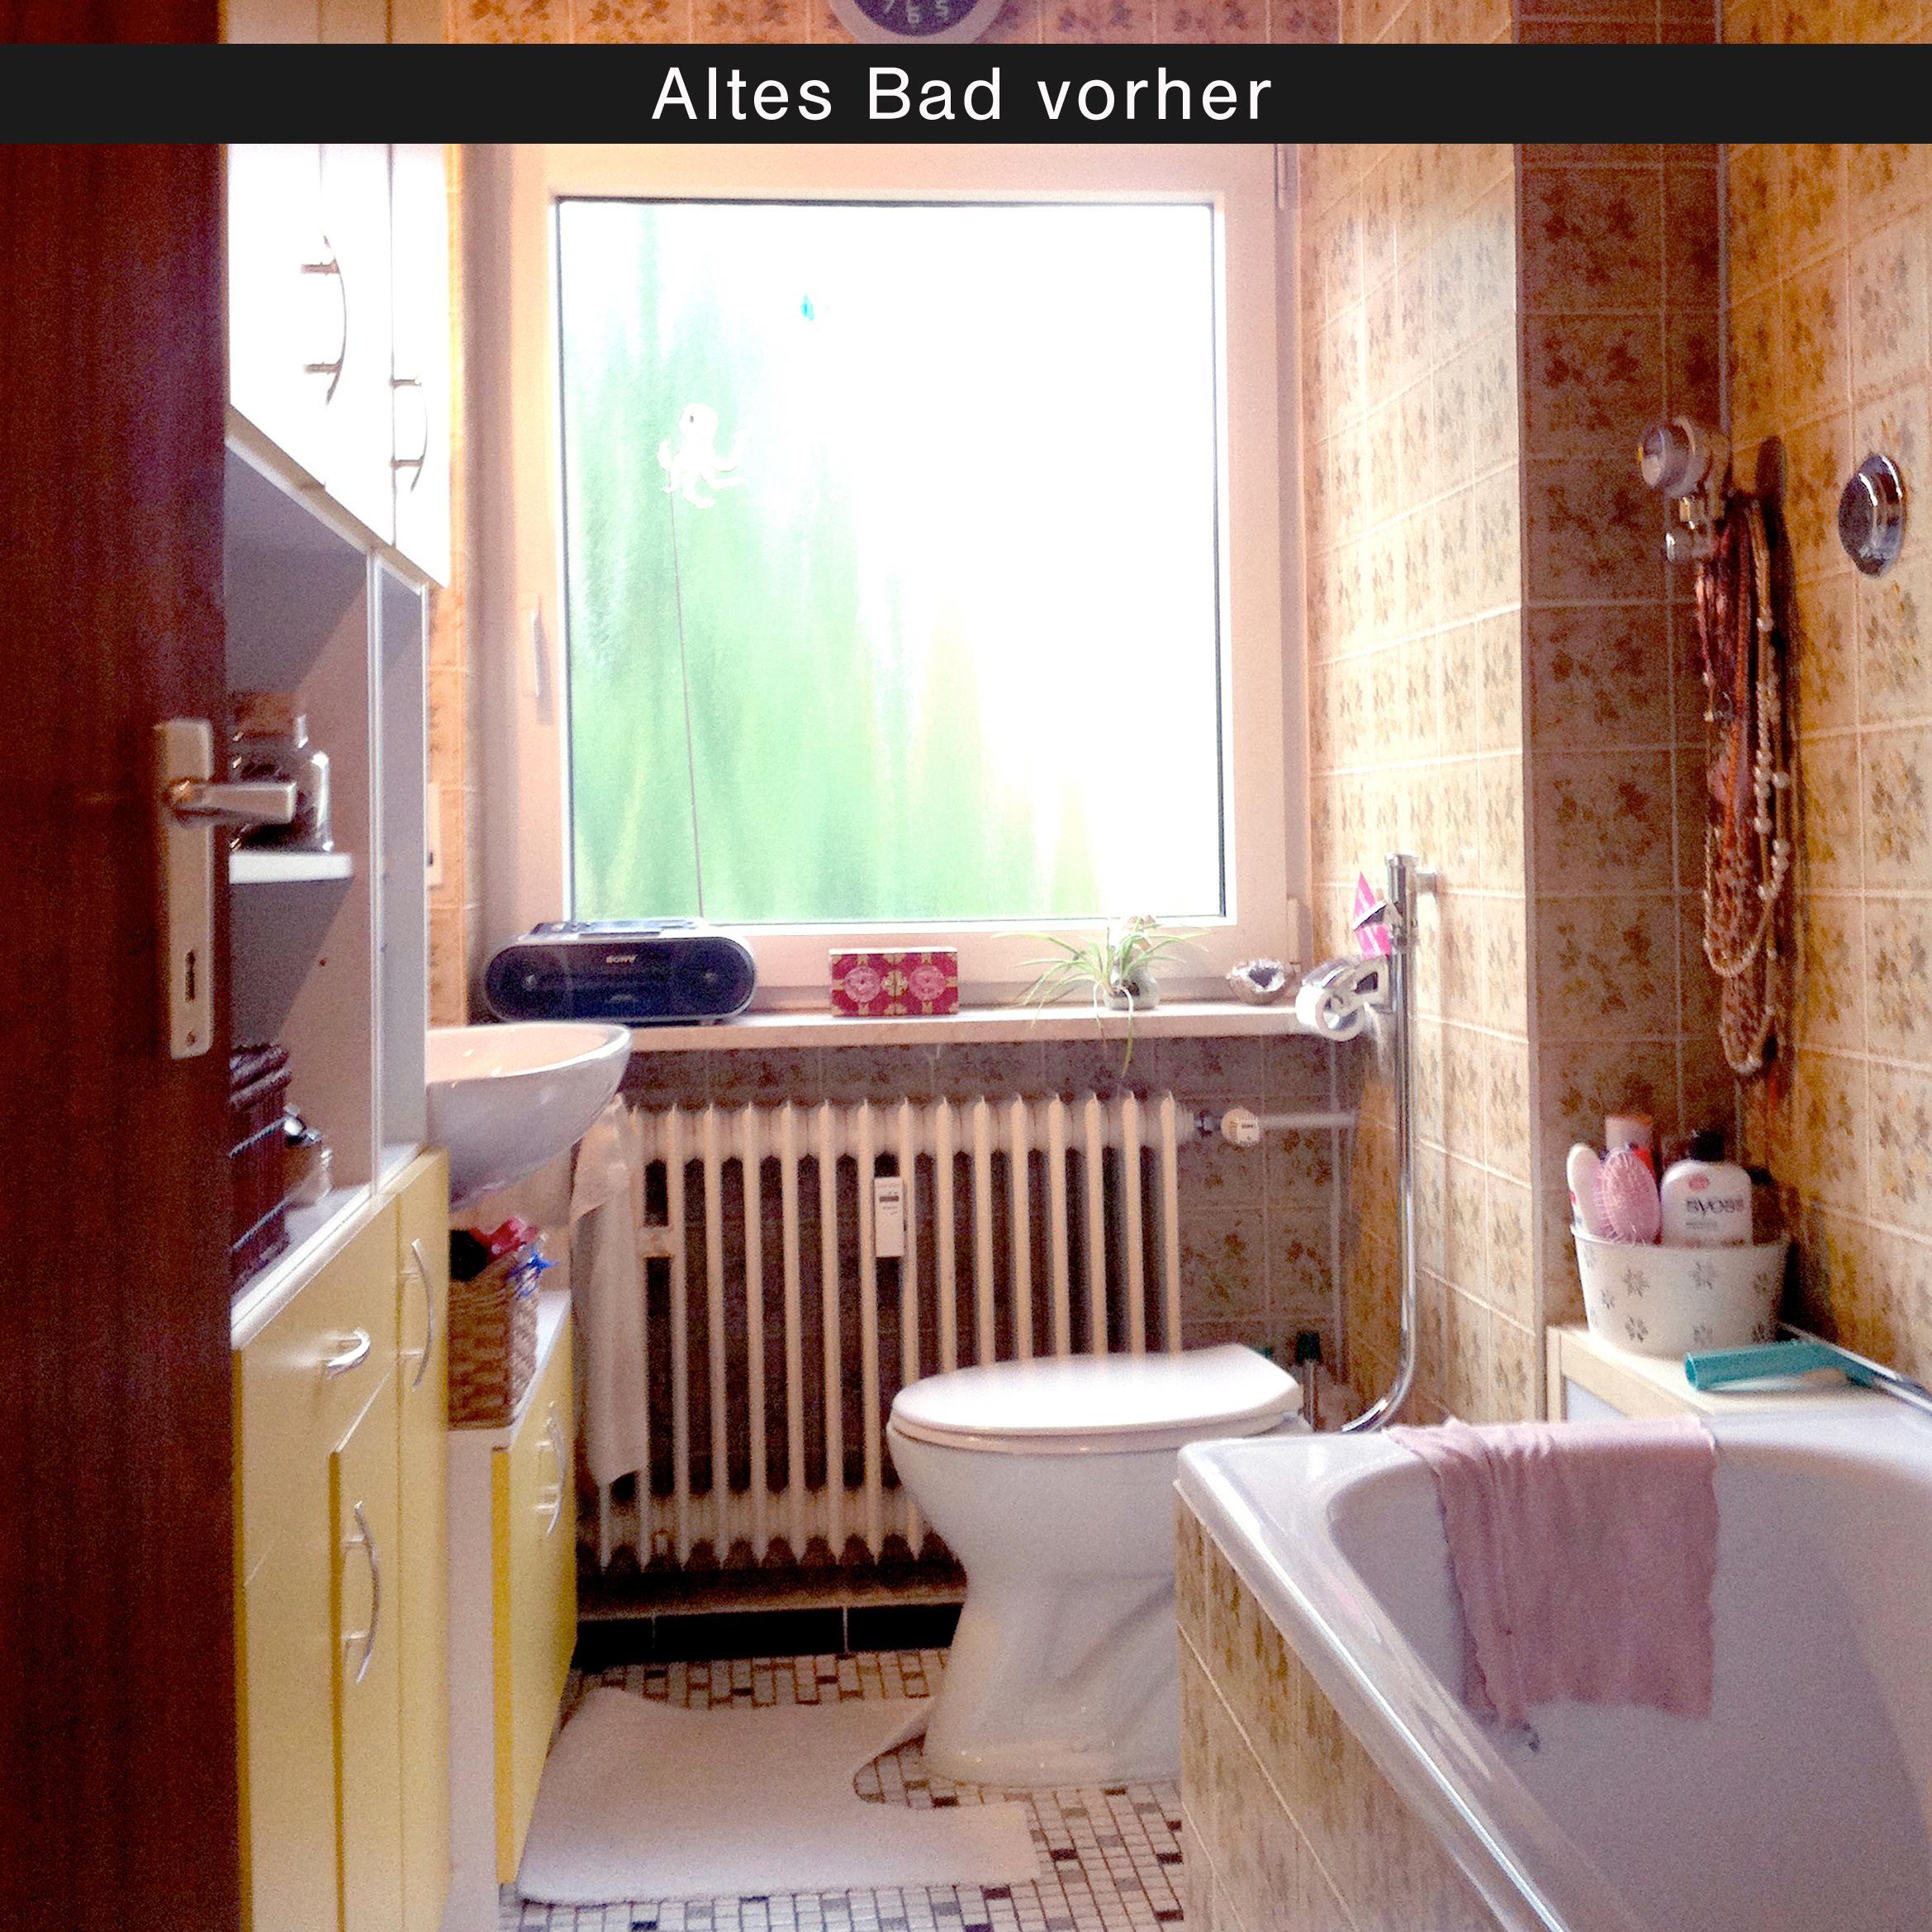 Farben im Badezimmer • Bilder & Ideen • COUCHstyle